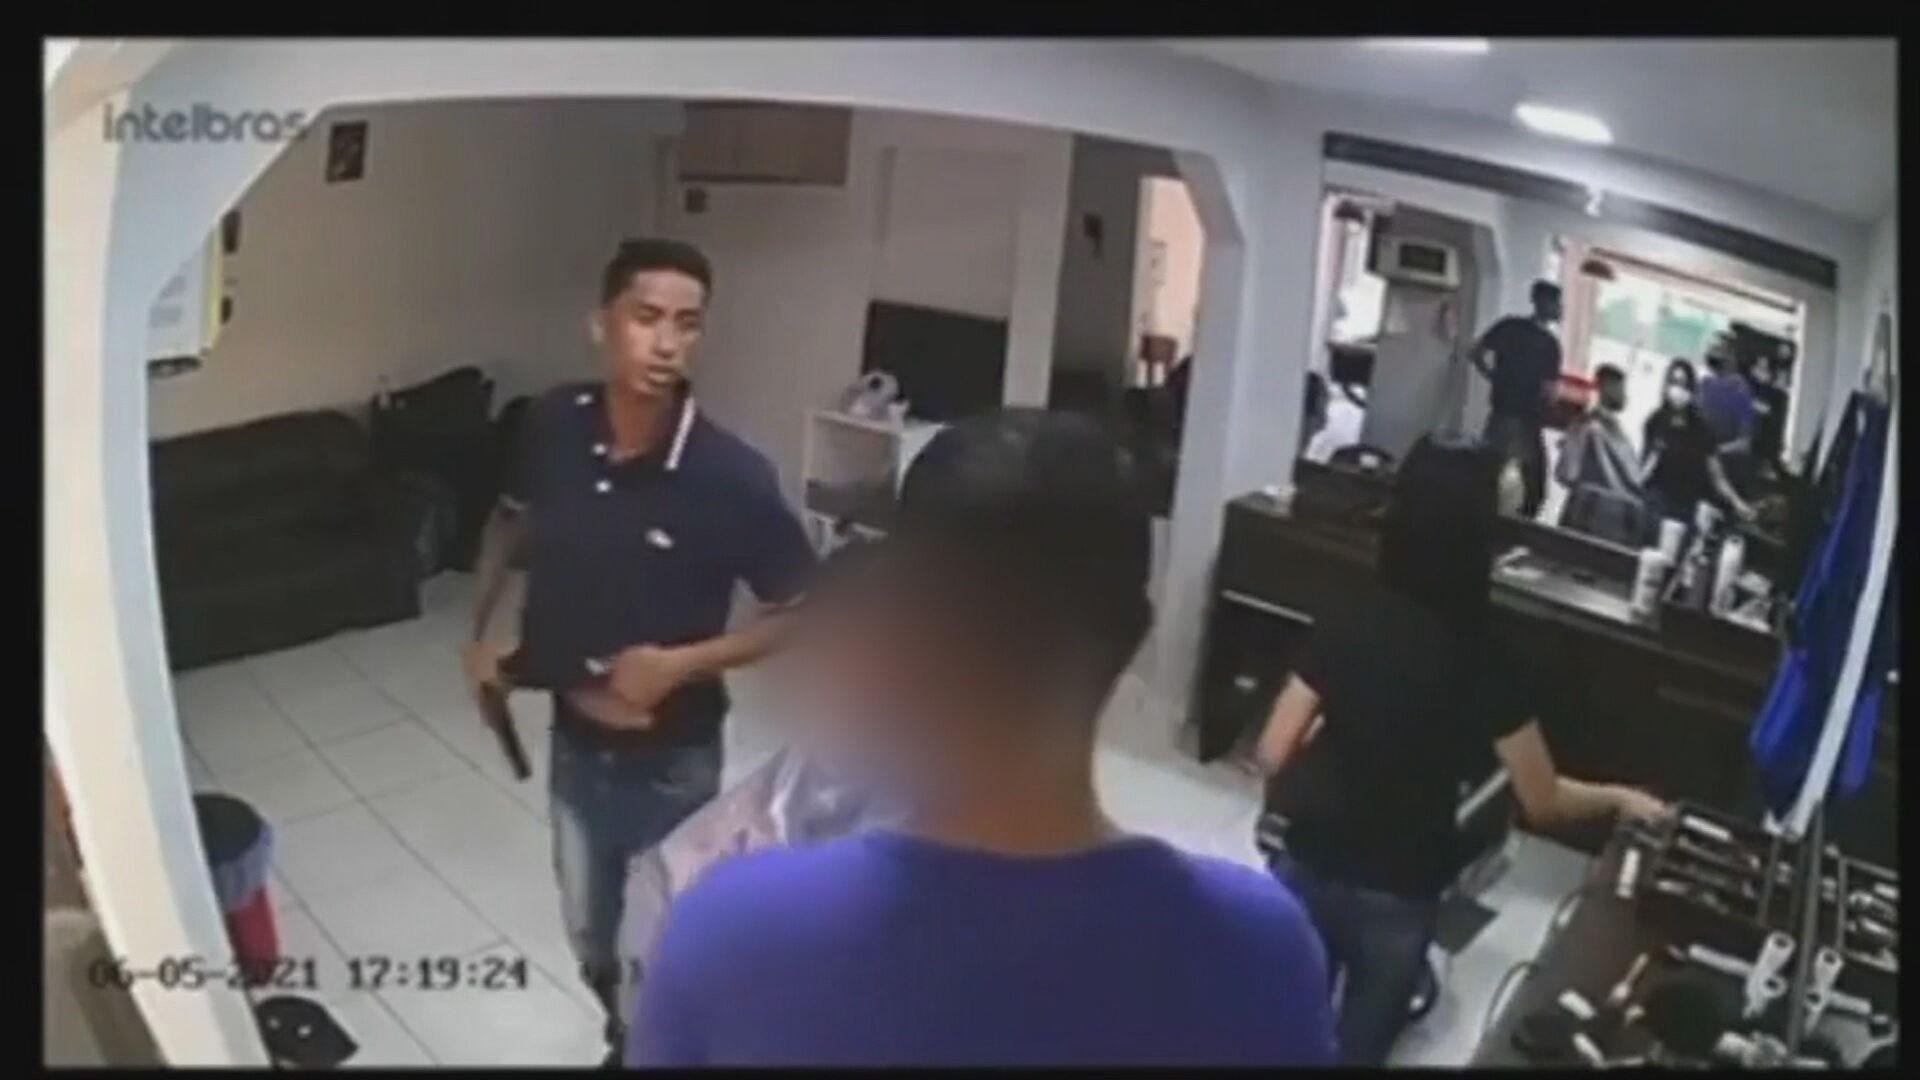 VÍDEO: após cortar cabelo em barbearia no DF, homem anuncia assalto e rouba funcionários